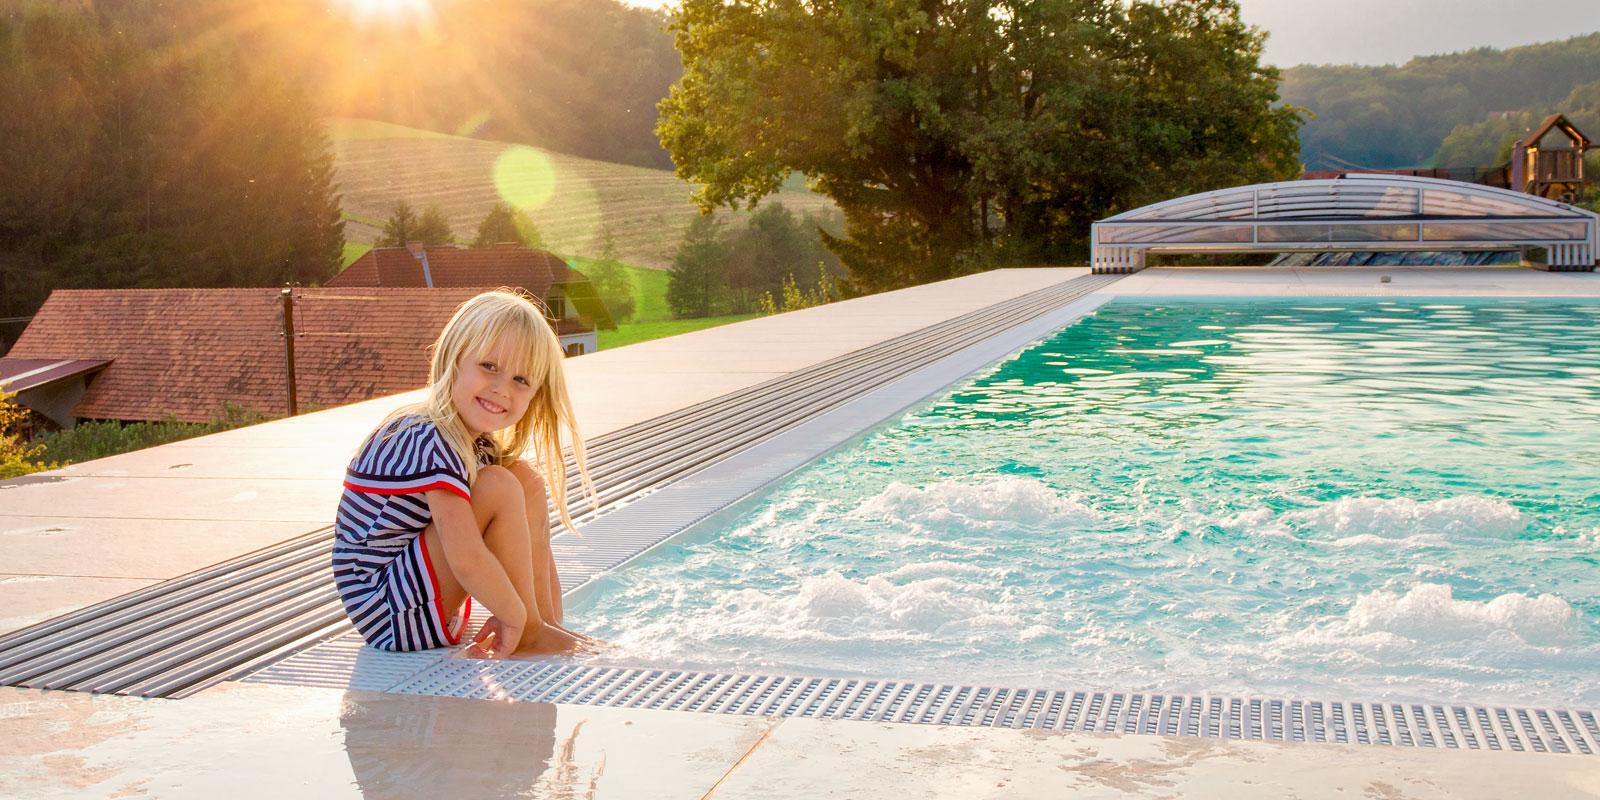 Genießen Sie Mit Ihrem Eigenen Pool Entspannung Und Ungestörtes Baden  Direkt Bei Ihnen Zu Hause   Mit Einer Überdachung Sogar In Kühleren Monaten.